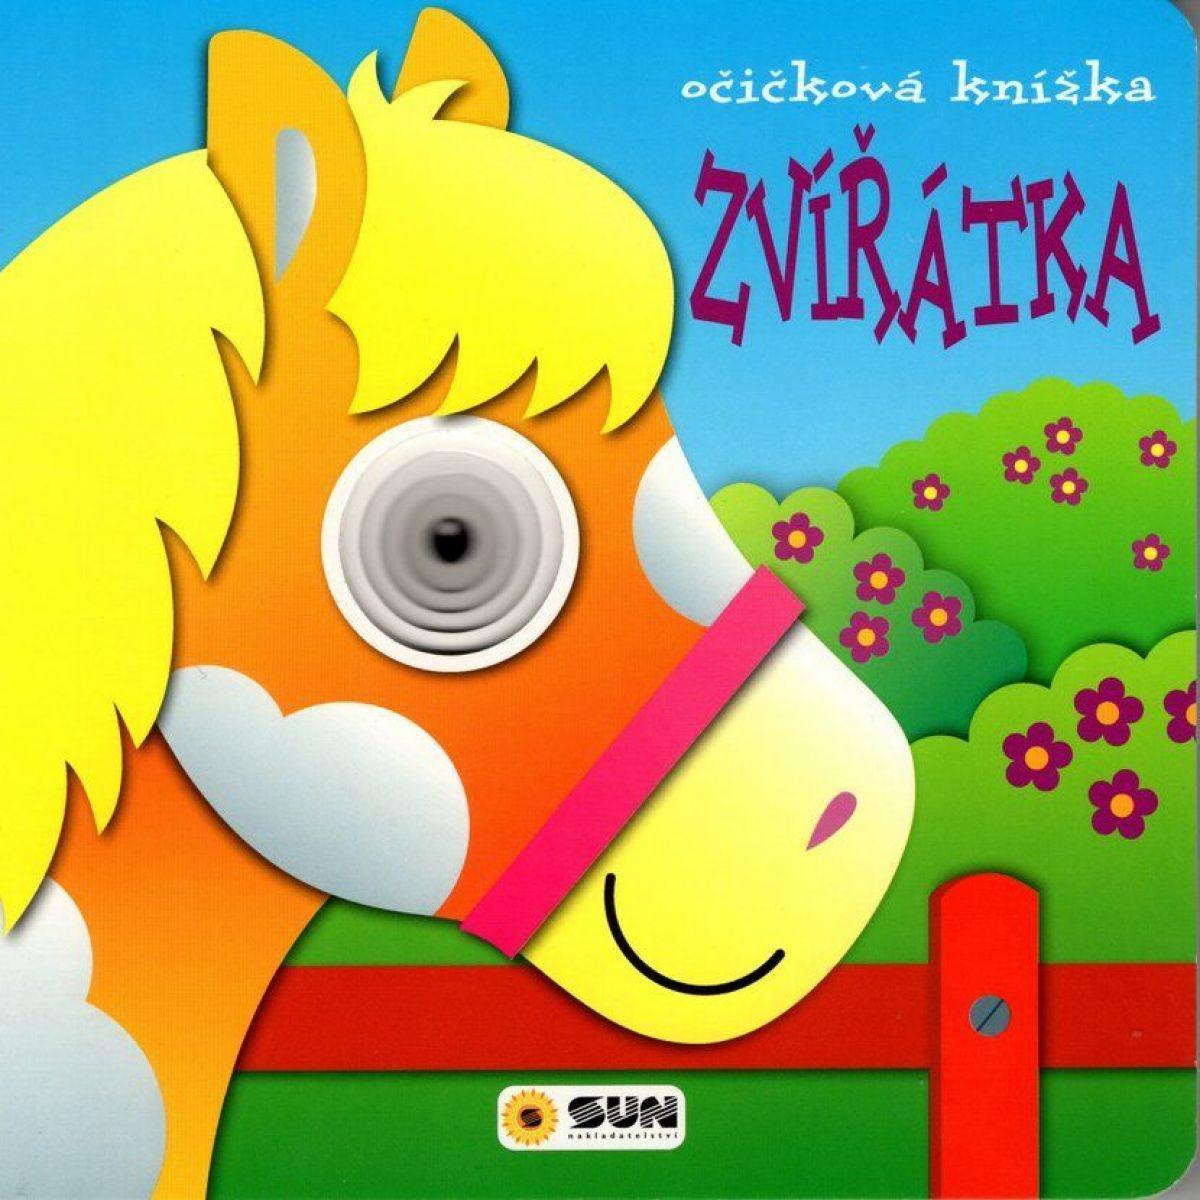 Sun Zvířátka očičková knížka leporelo